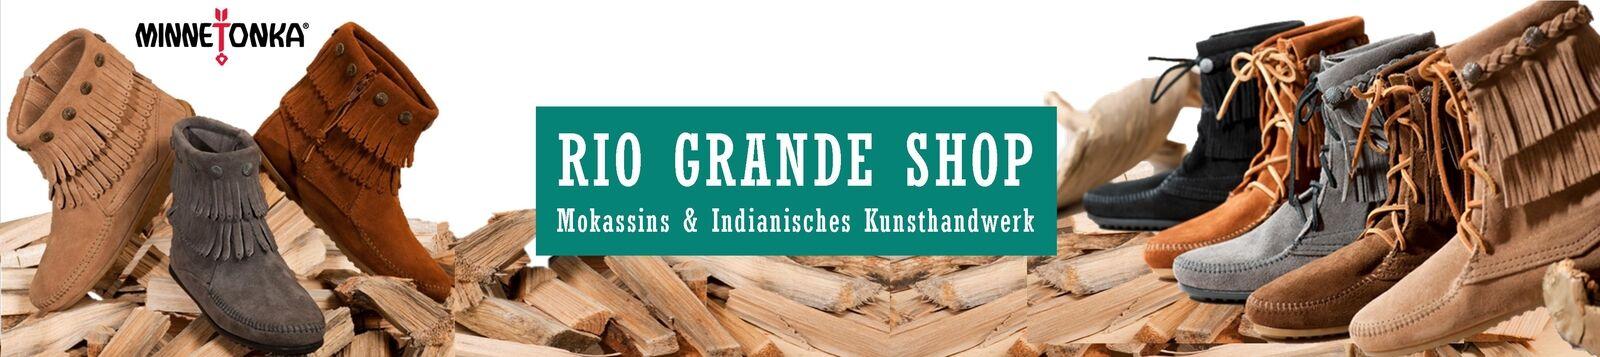 Rio Grande Shop